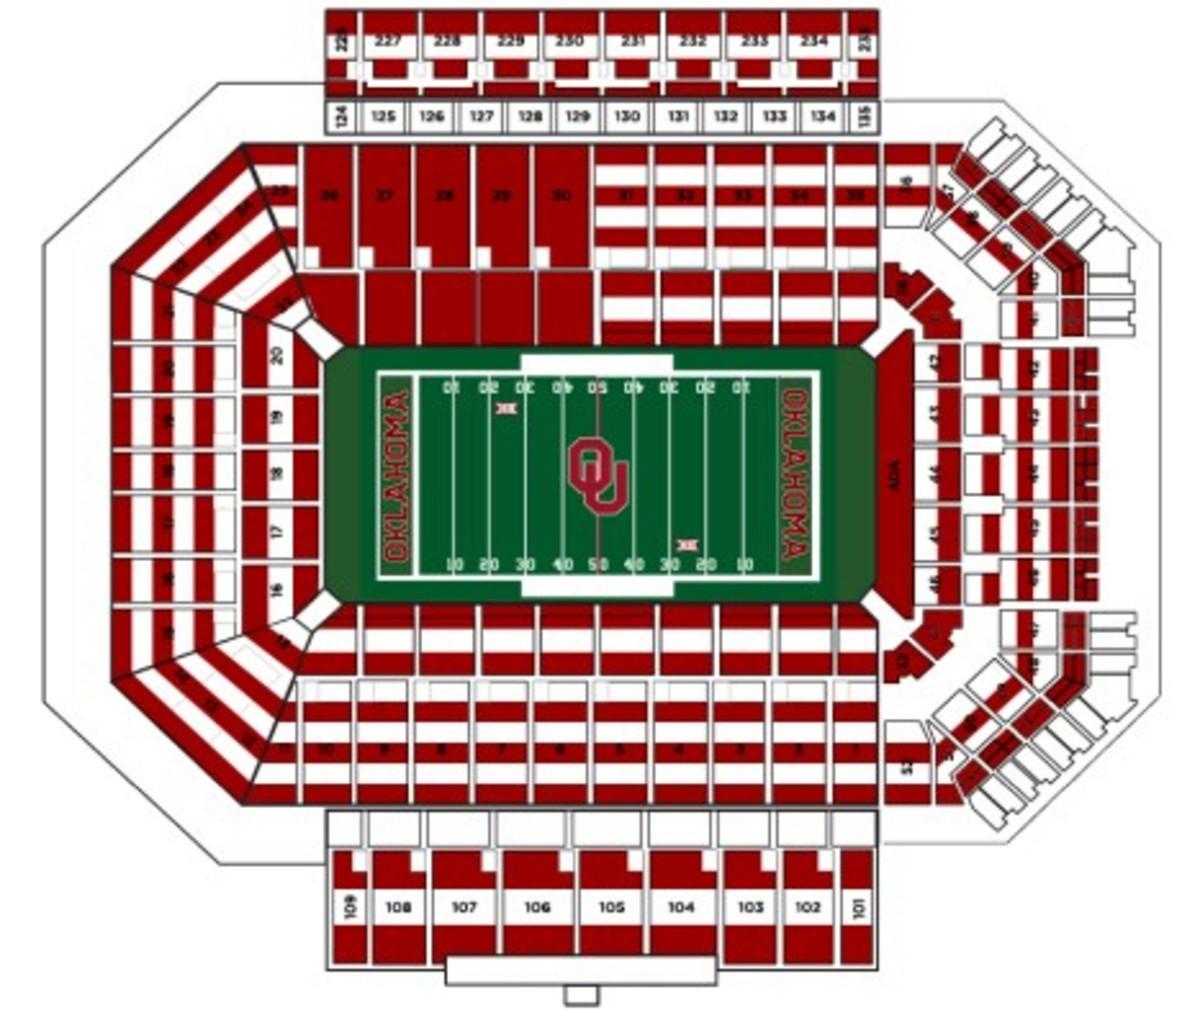 Stripe the Stadium